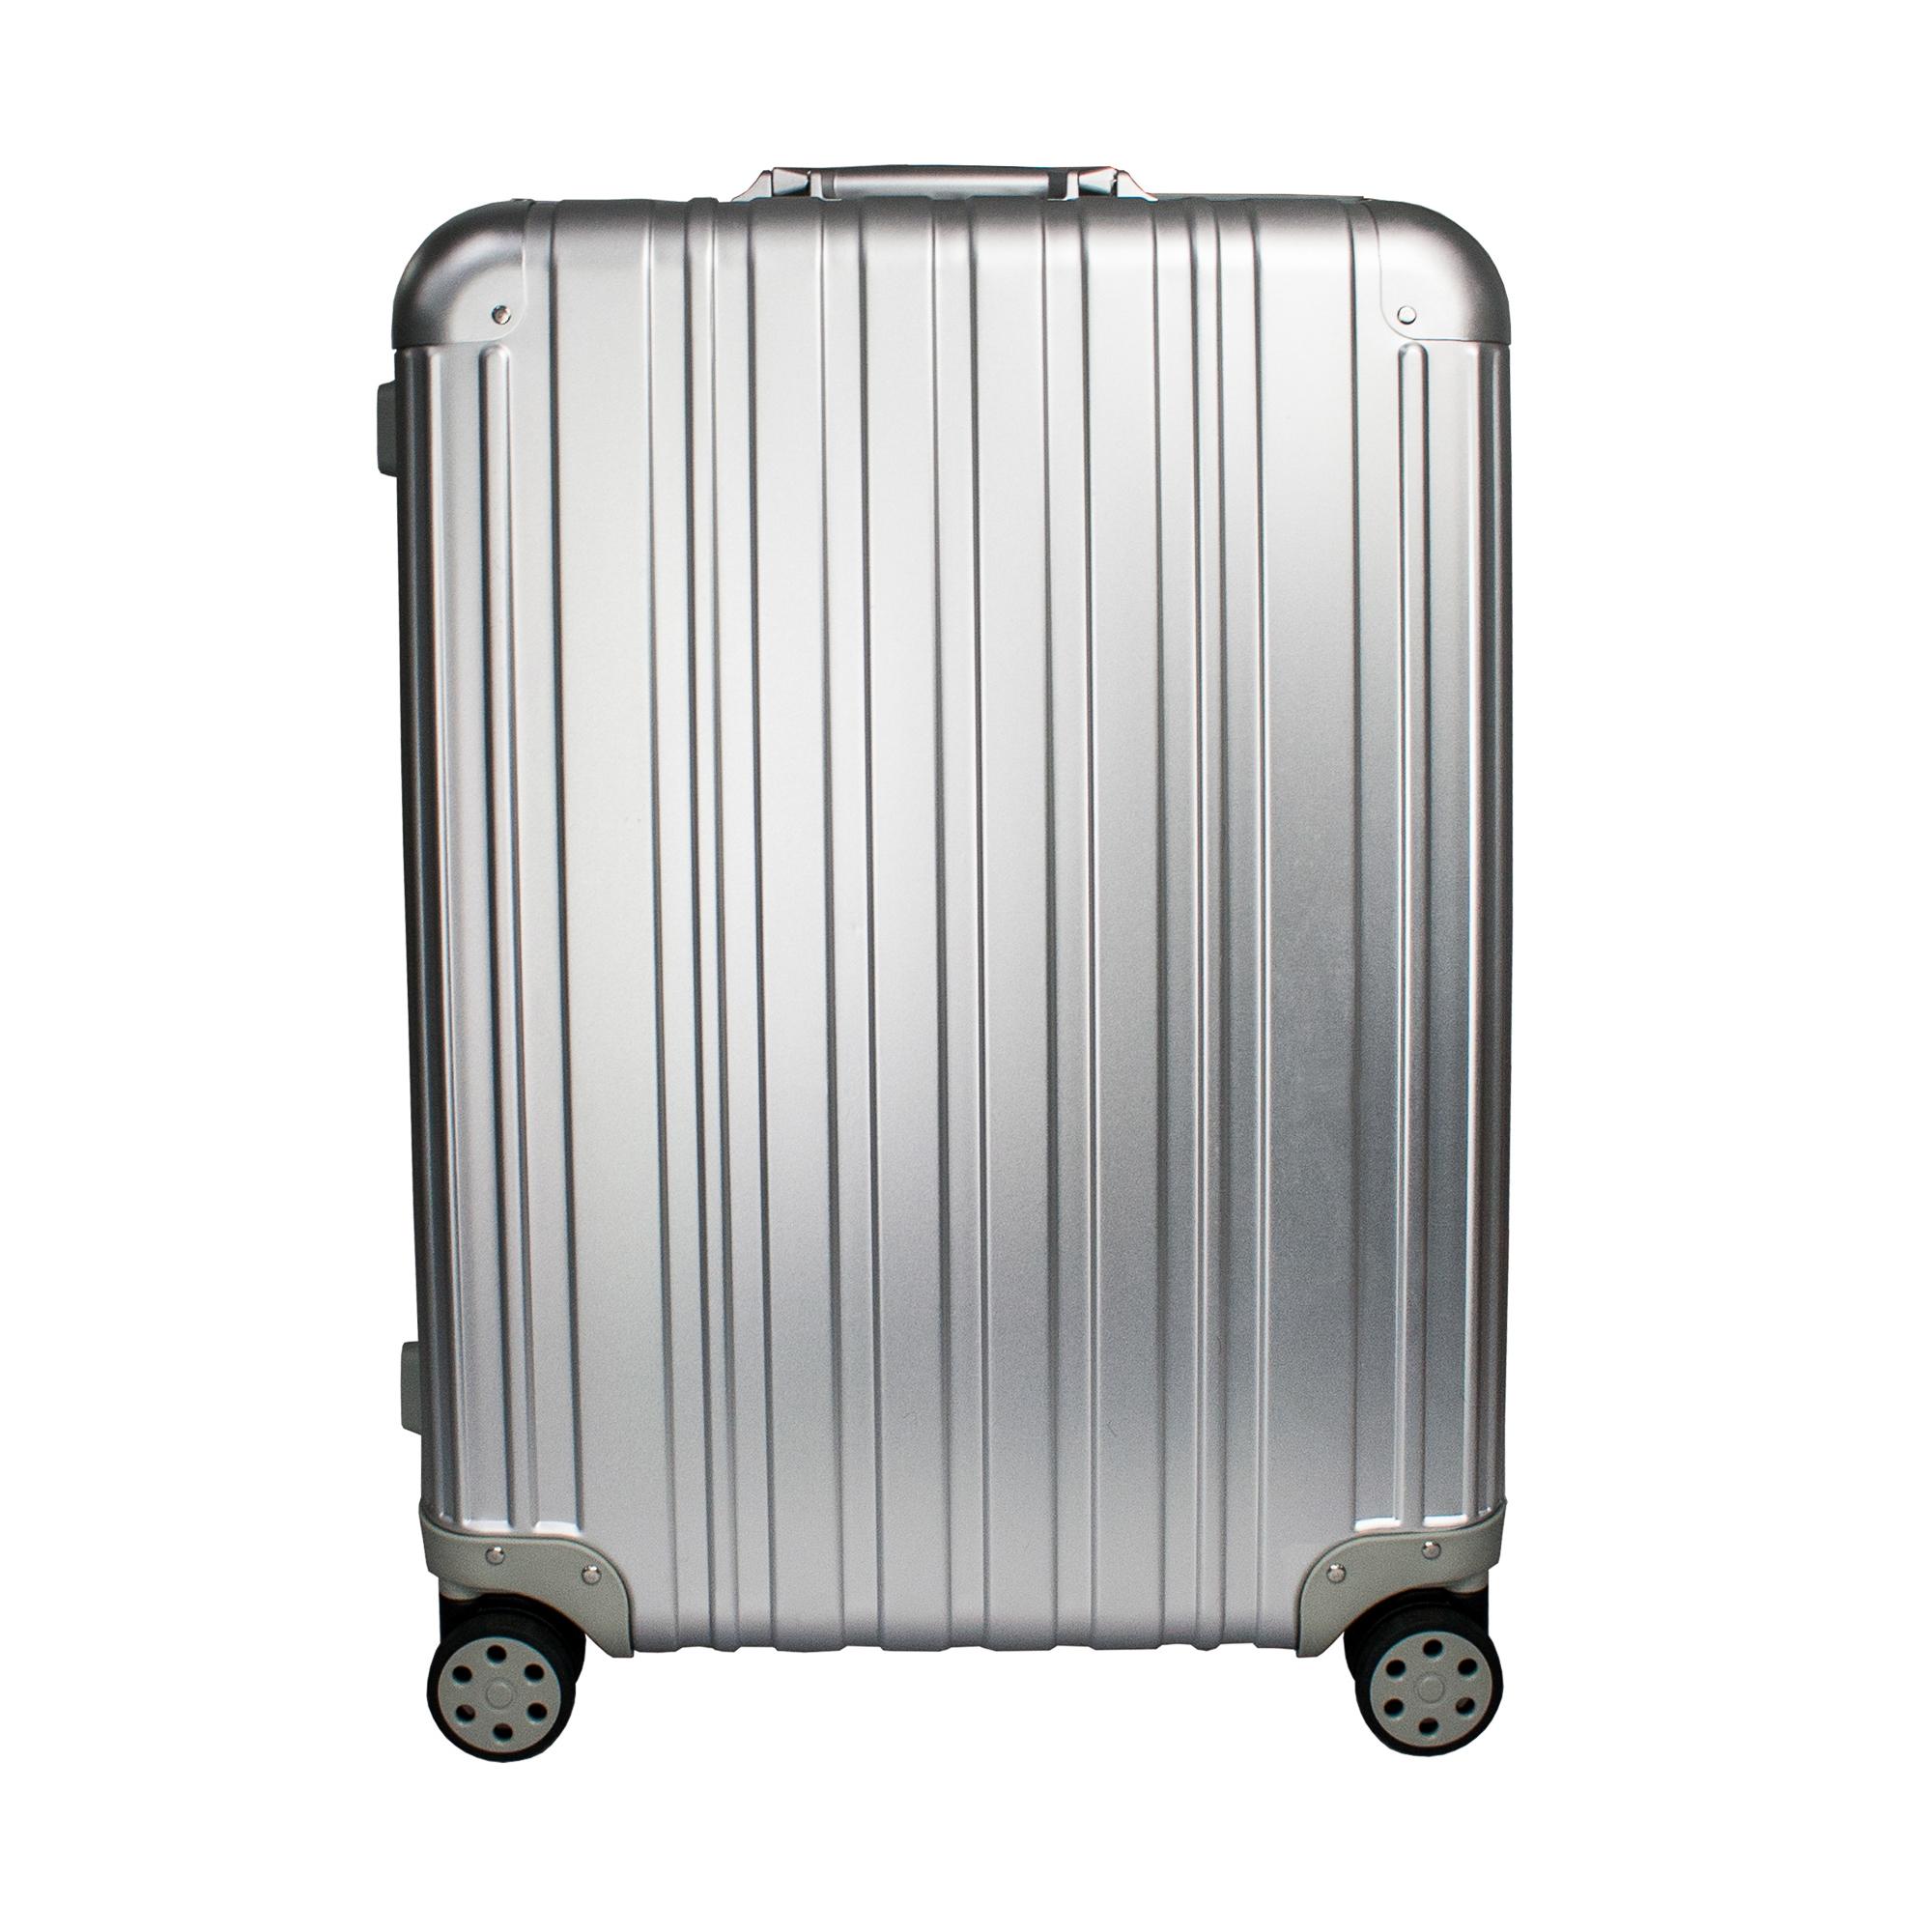 Фото - Чемодан алюминиевый средний PROFFI Серебро 66,6х47,5х24,5 см чемодан proffi kingsize xl 110 л черный